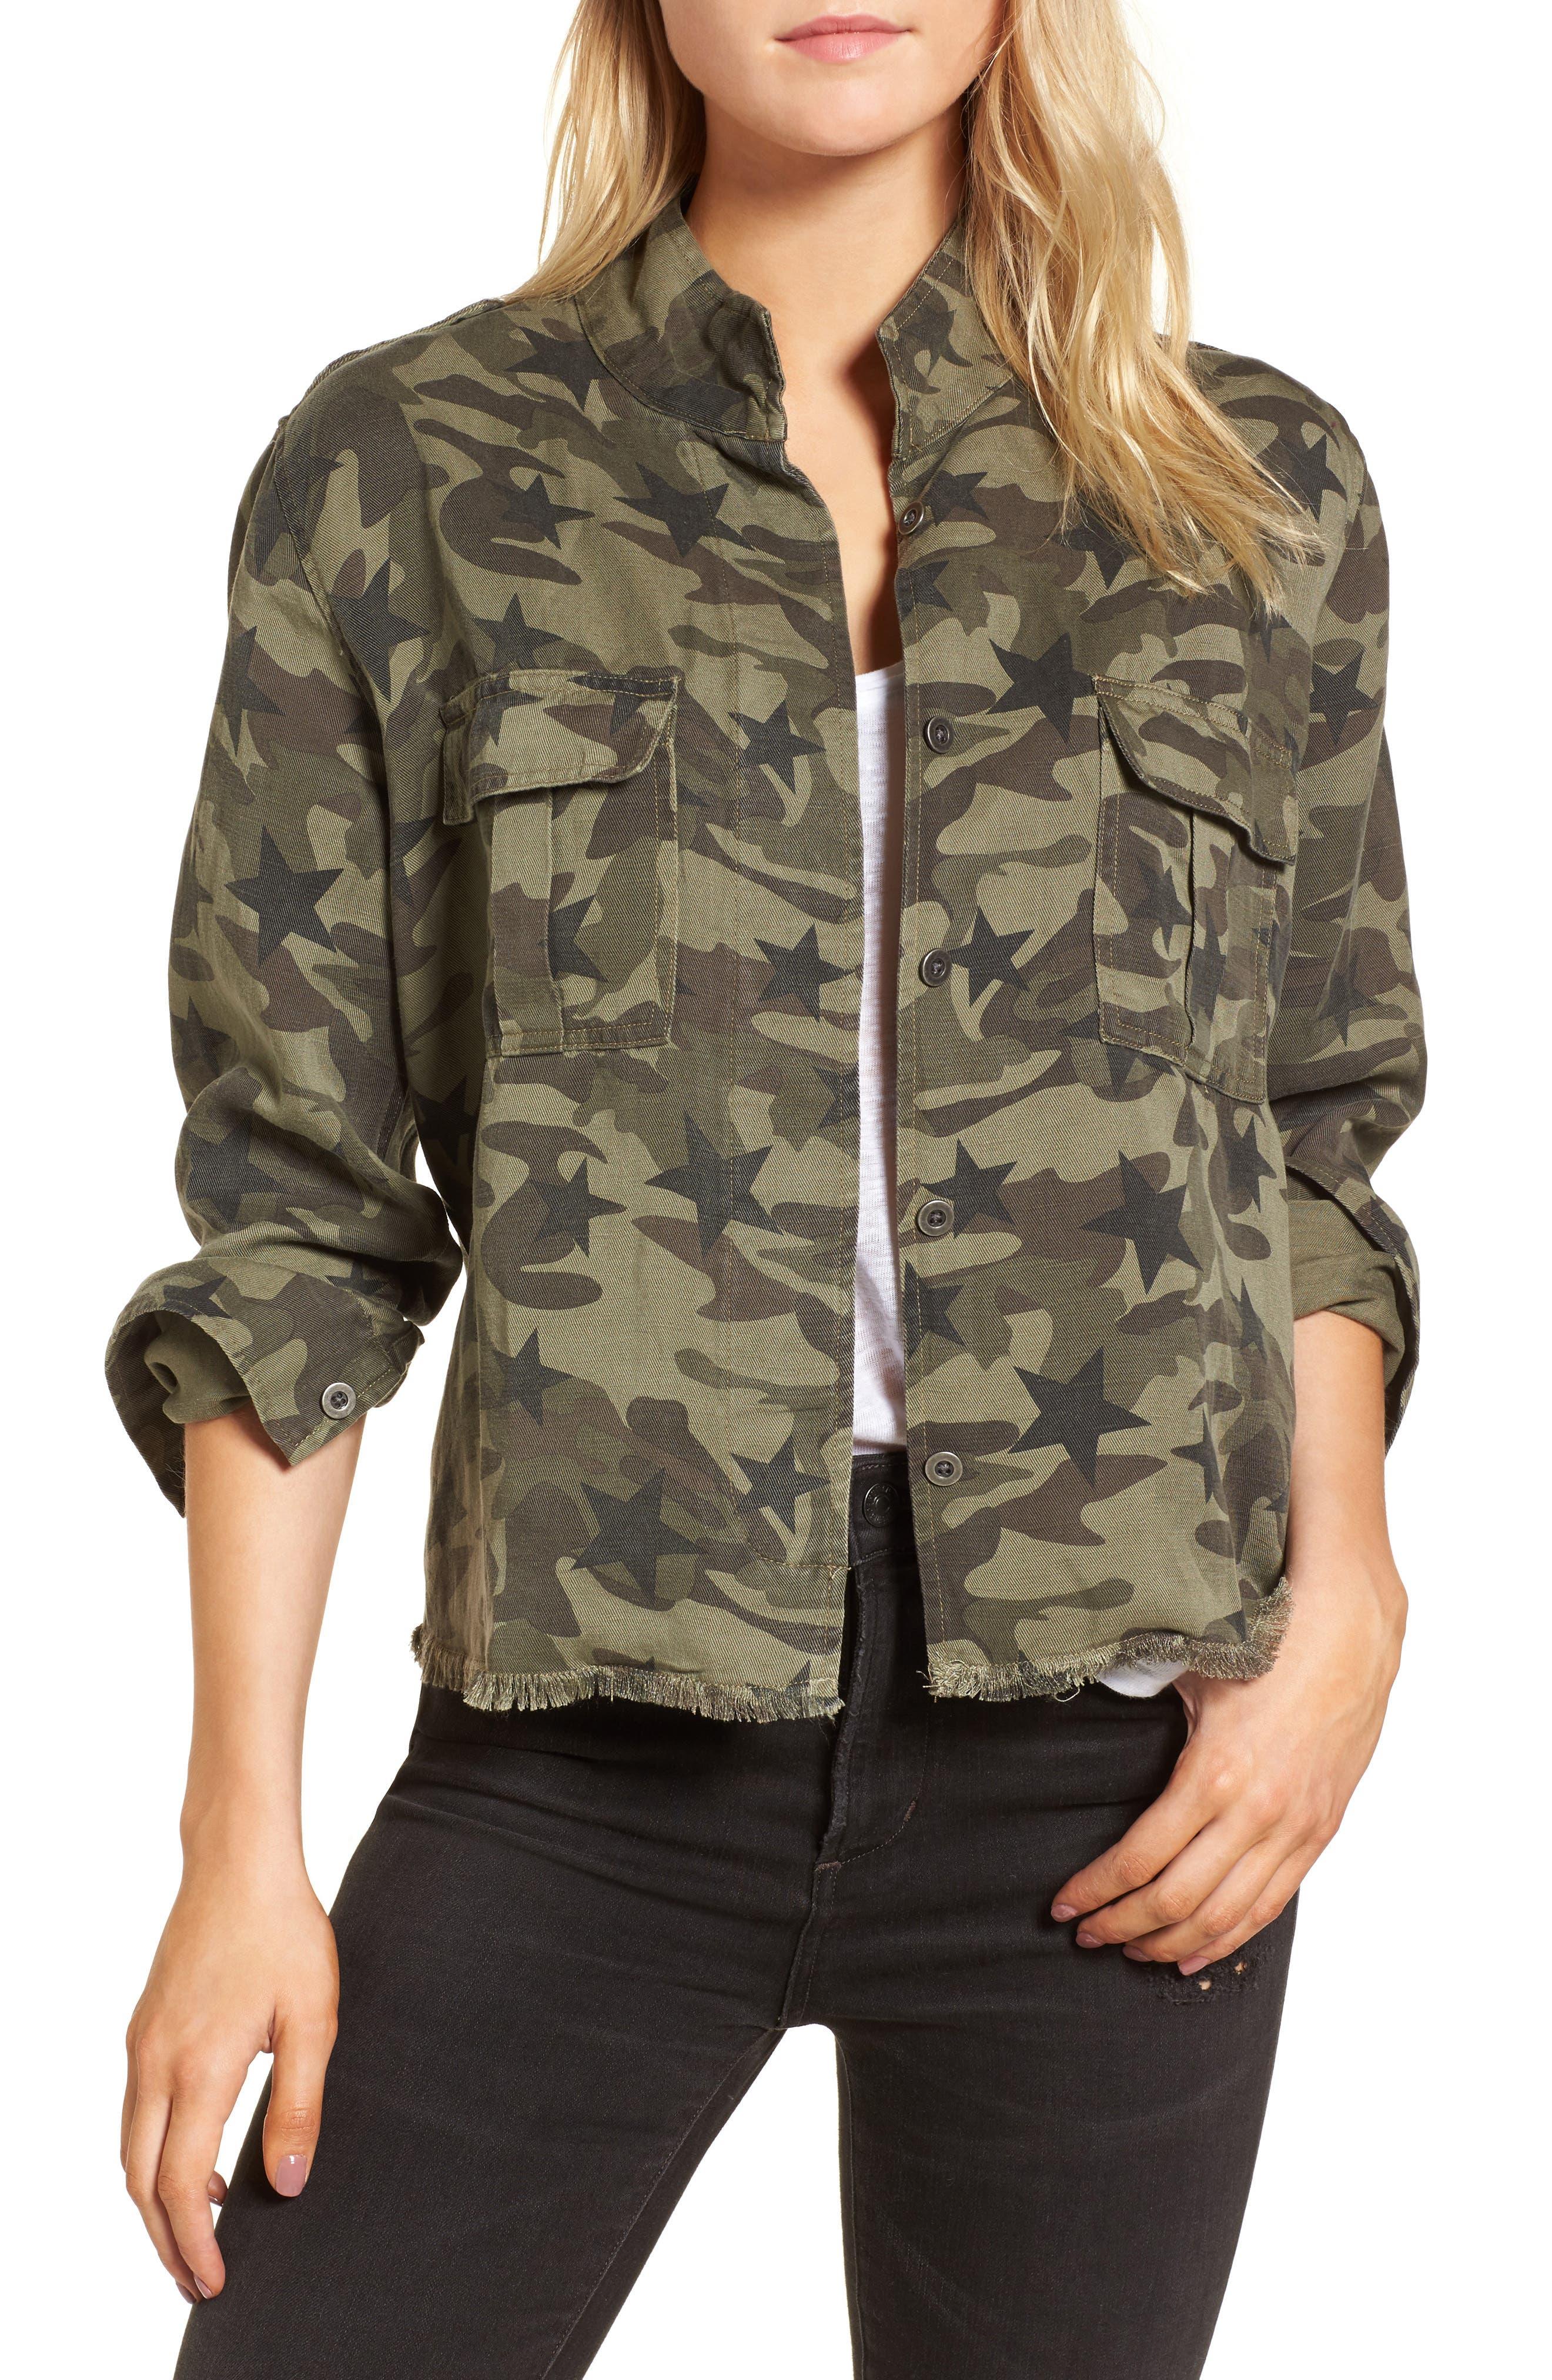 Hendrick Camo Military Jacket,                         Main,                         color, Star Camo